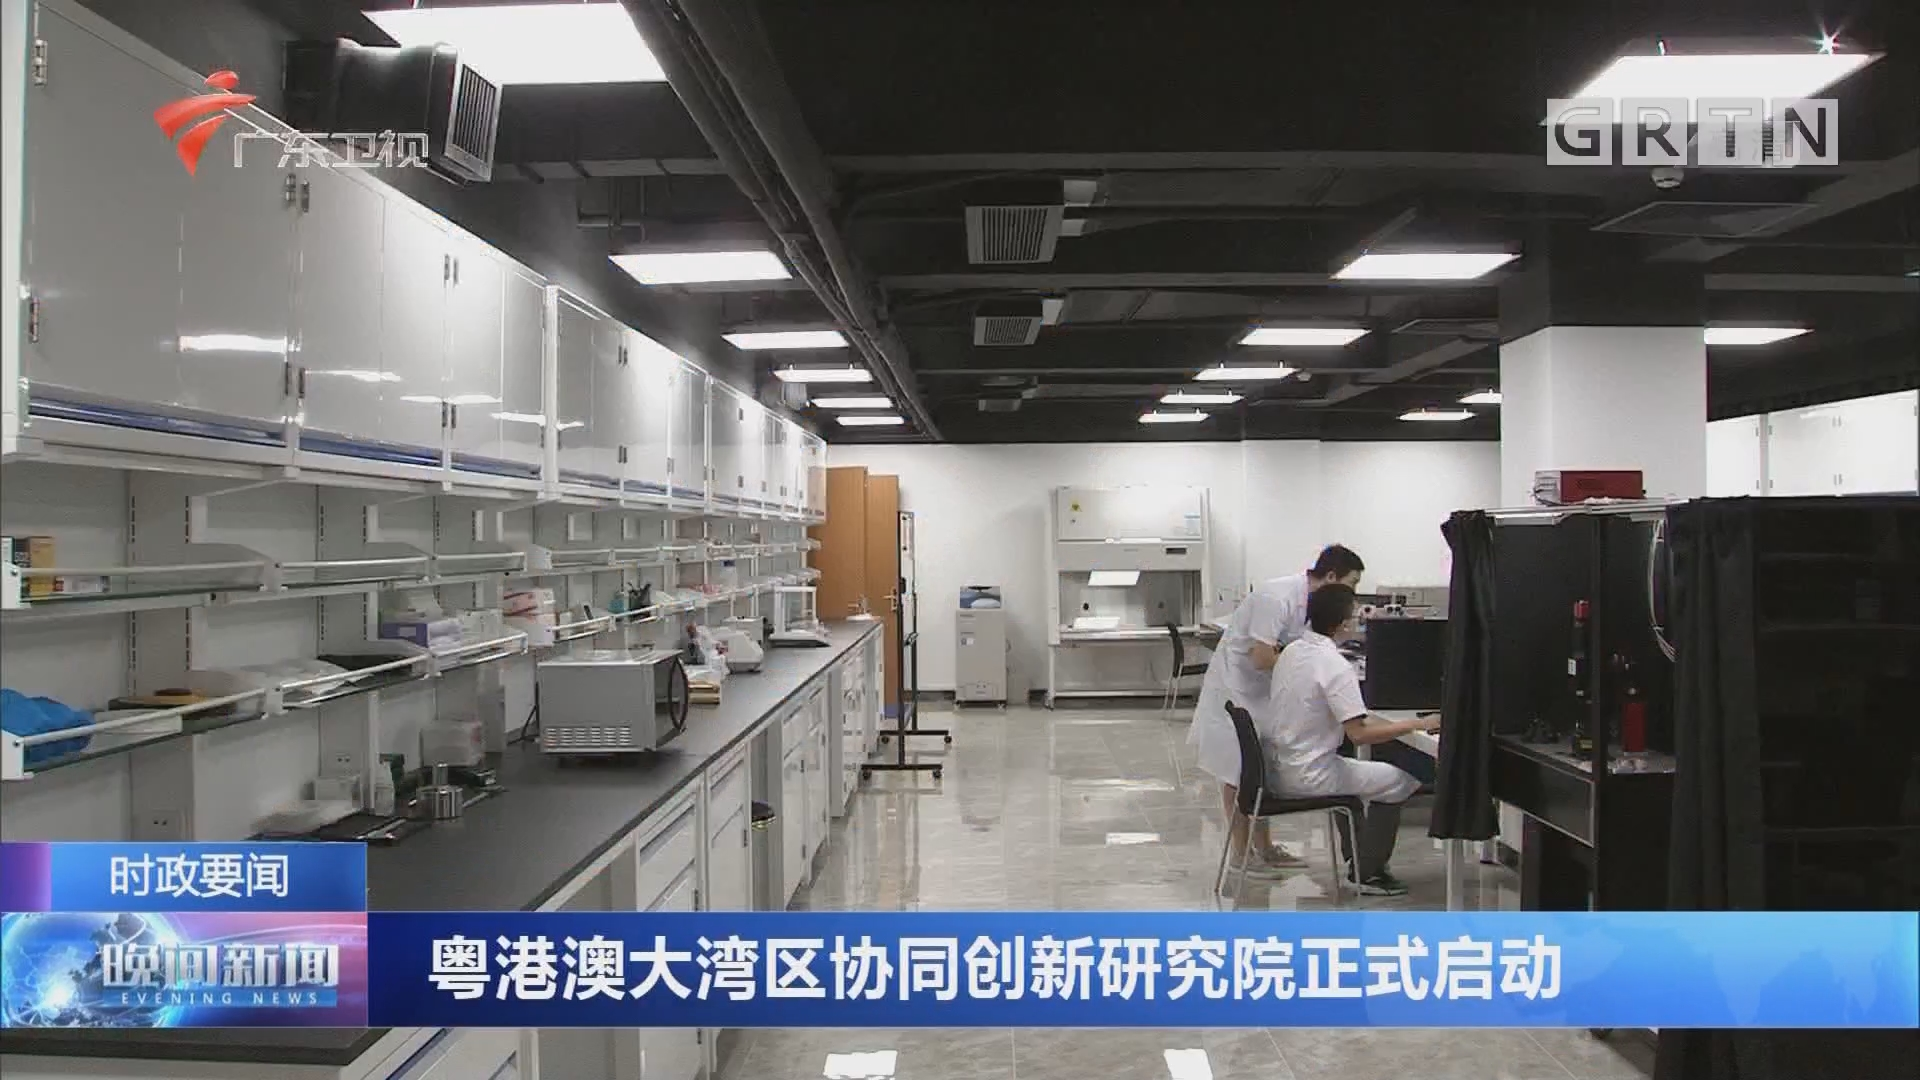 粤港澳大湾区协同创新研究院正式启动